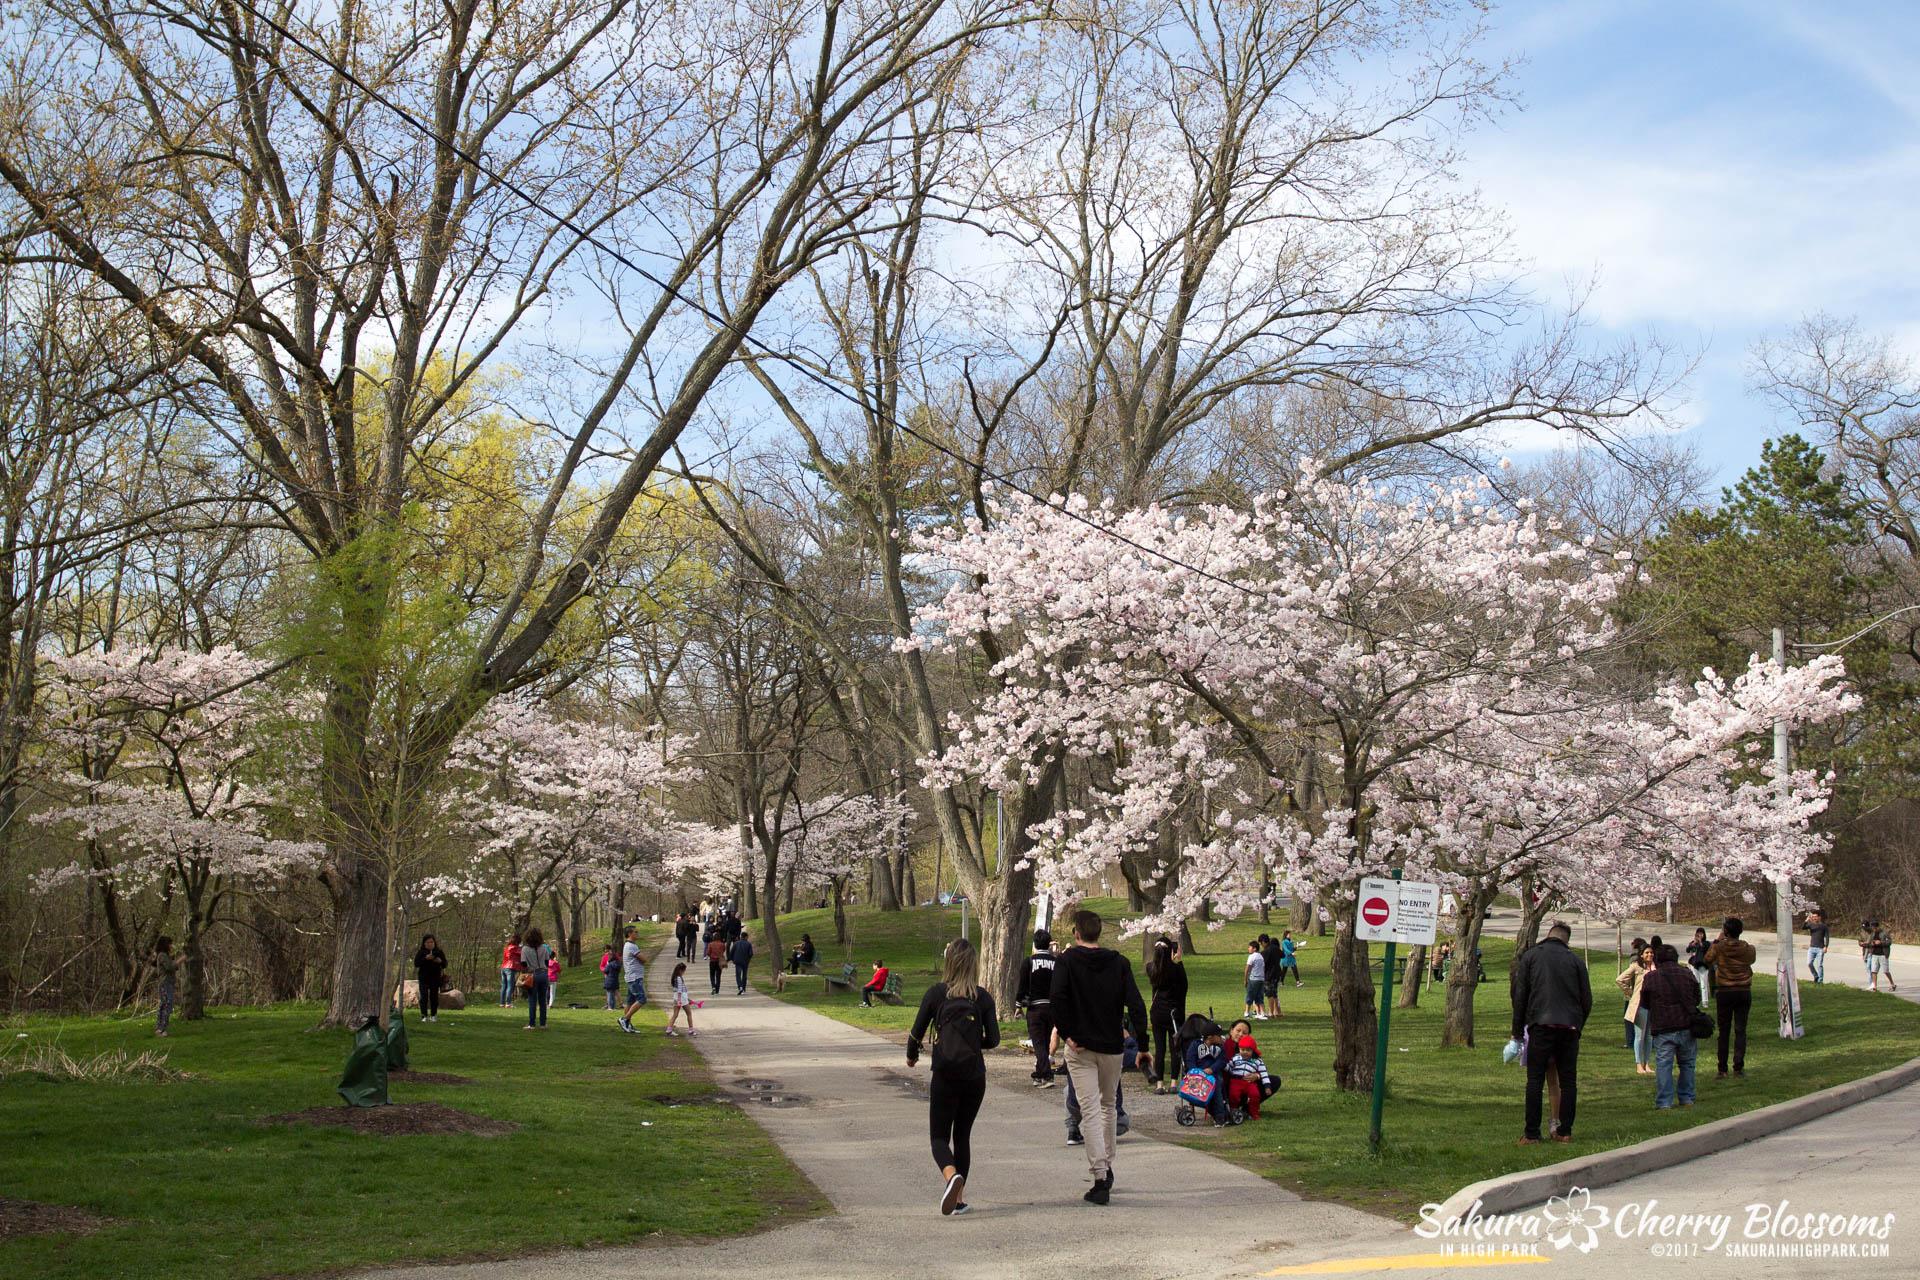 Sakura-Watch-April-28-2017-full-bloom-throughout-High-Park-5871.jpg